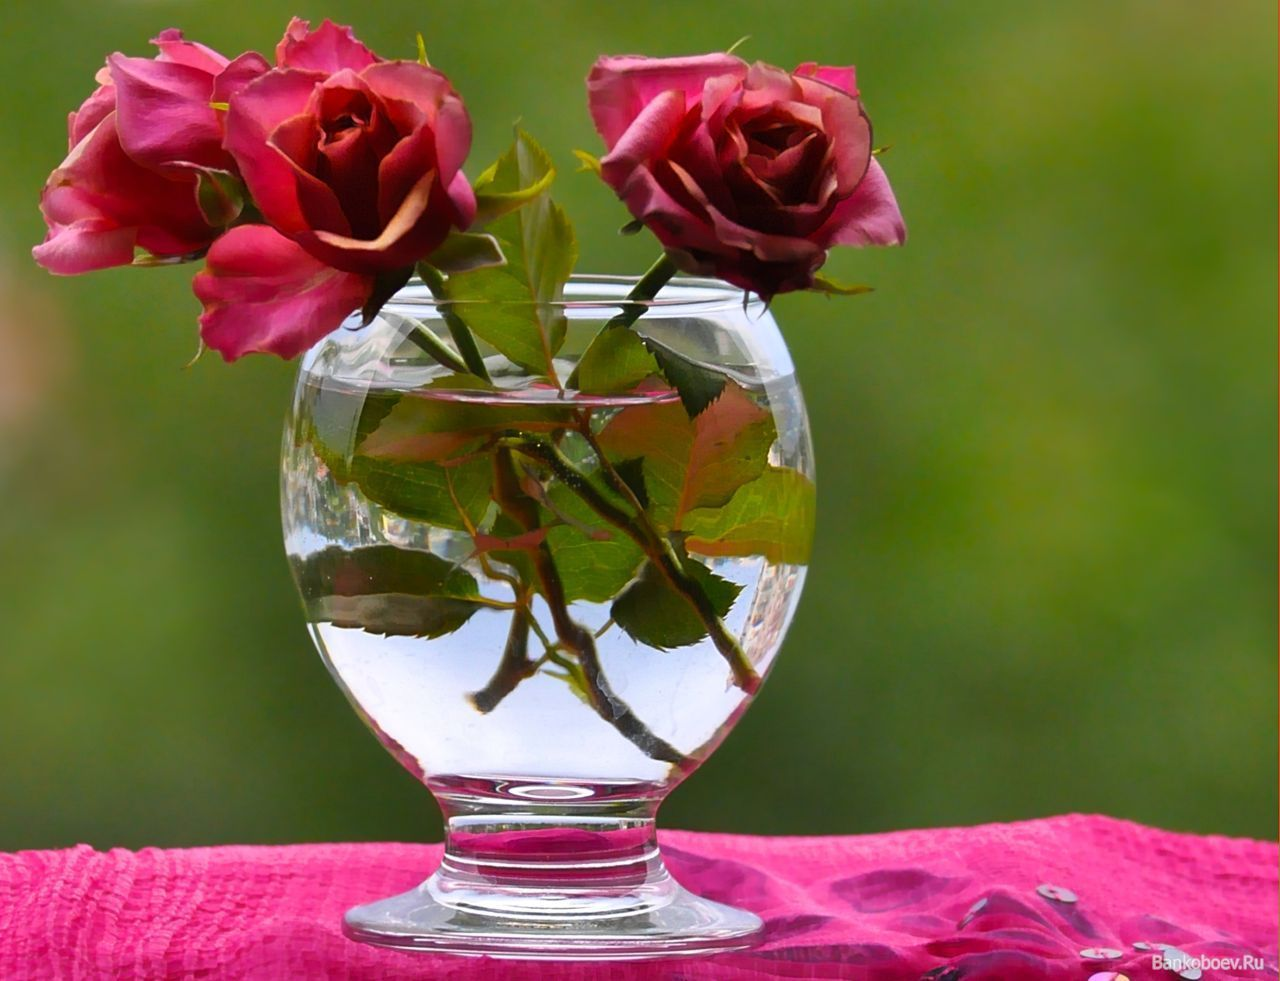 картинки розы в азе умерших должны храниться